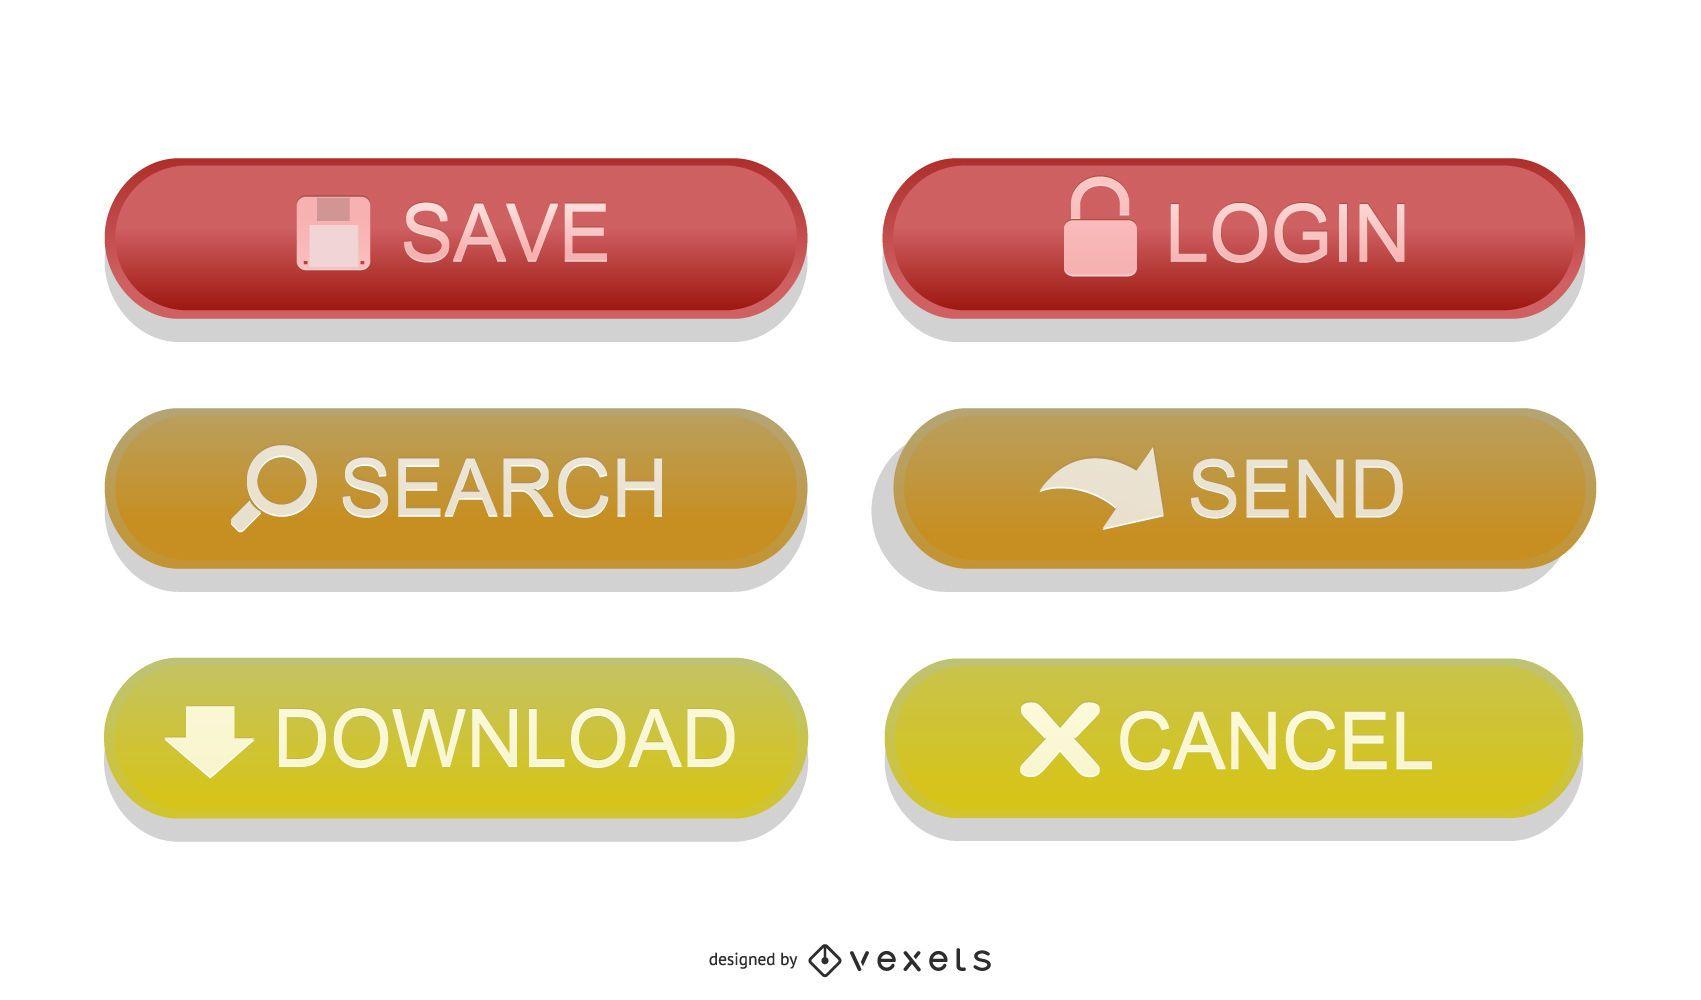 Vectores de botones web brillantes coloridos